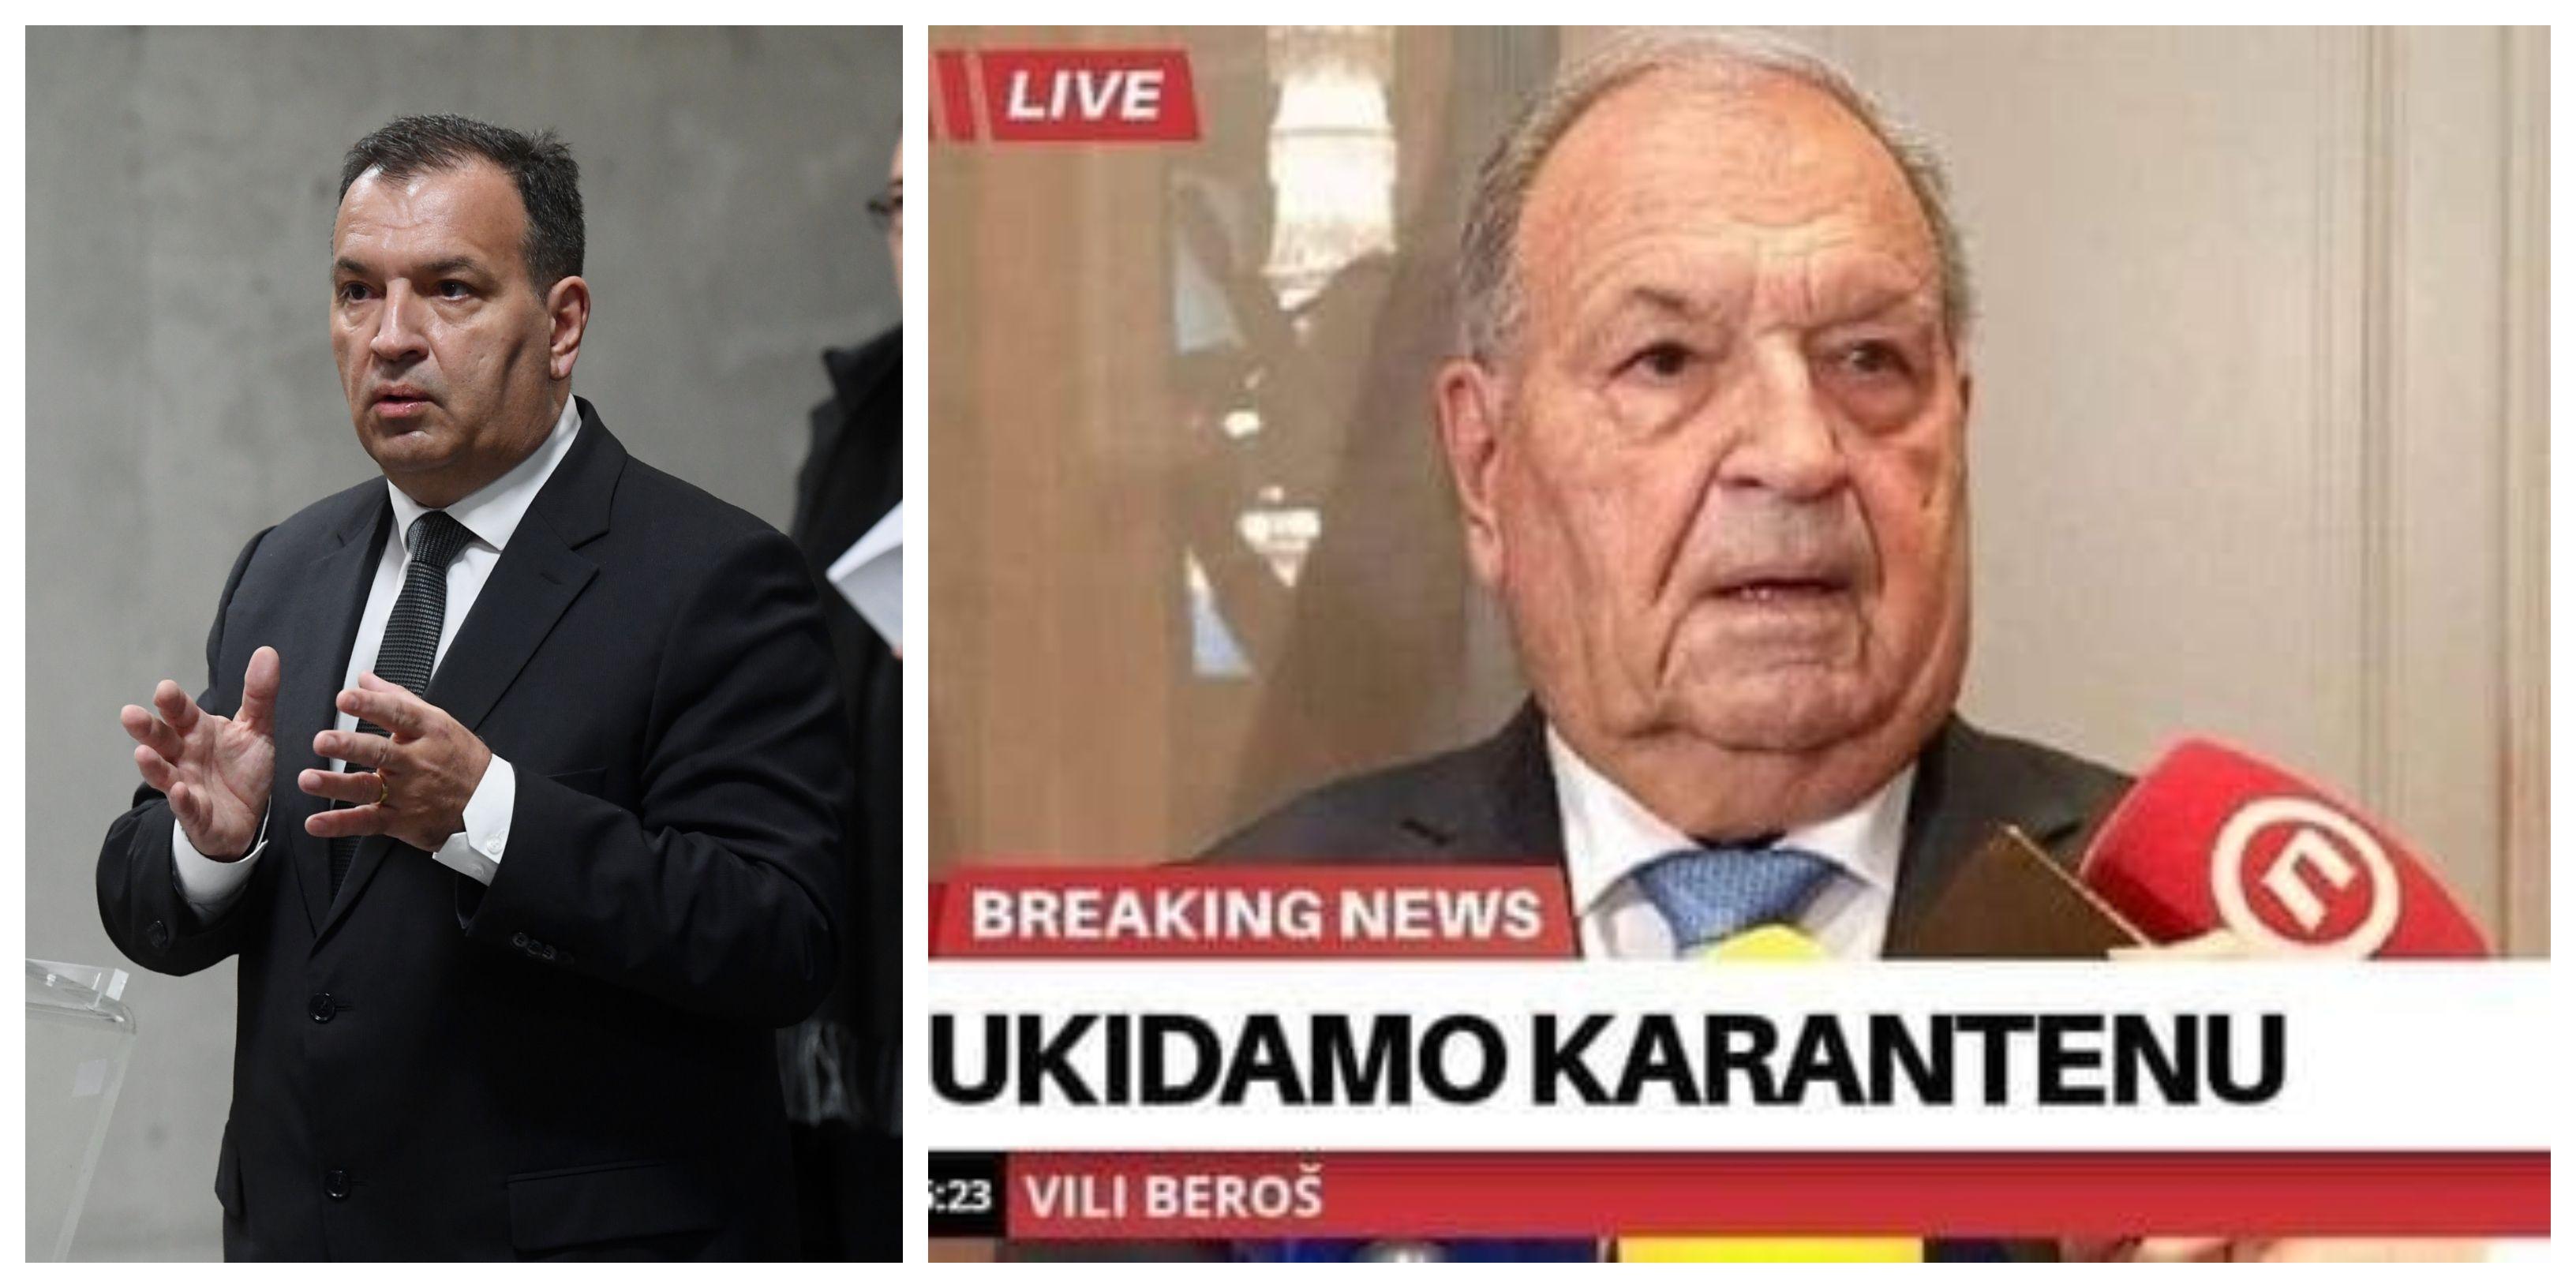 Vili Beroš Hrvatima je poput heroja: 'Kad ovo prođe, želim da Beroši ne budu zamjenici Kujundžićima'